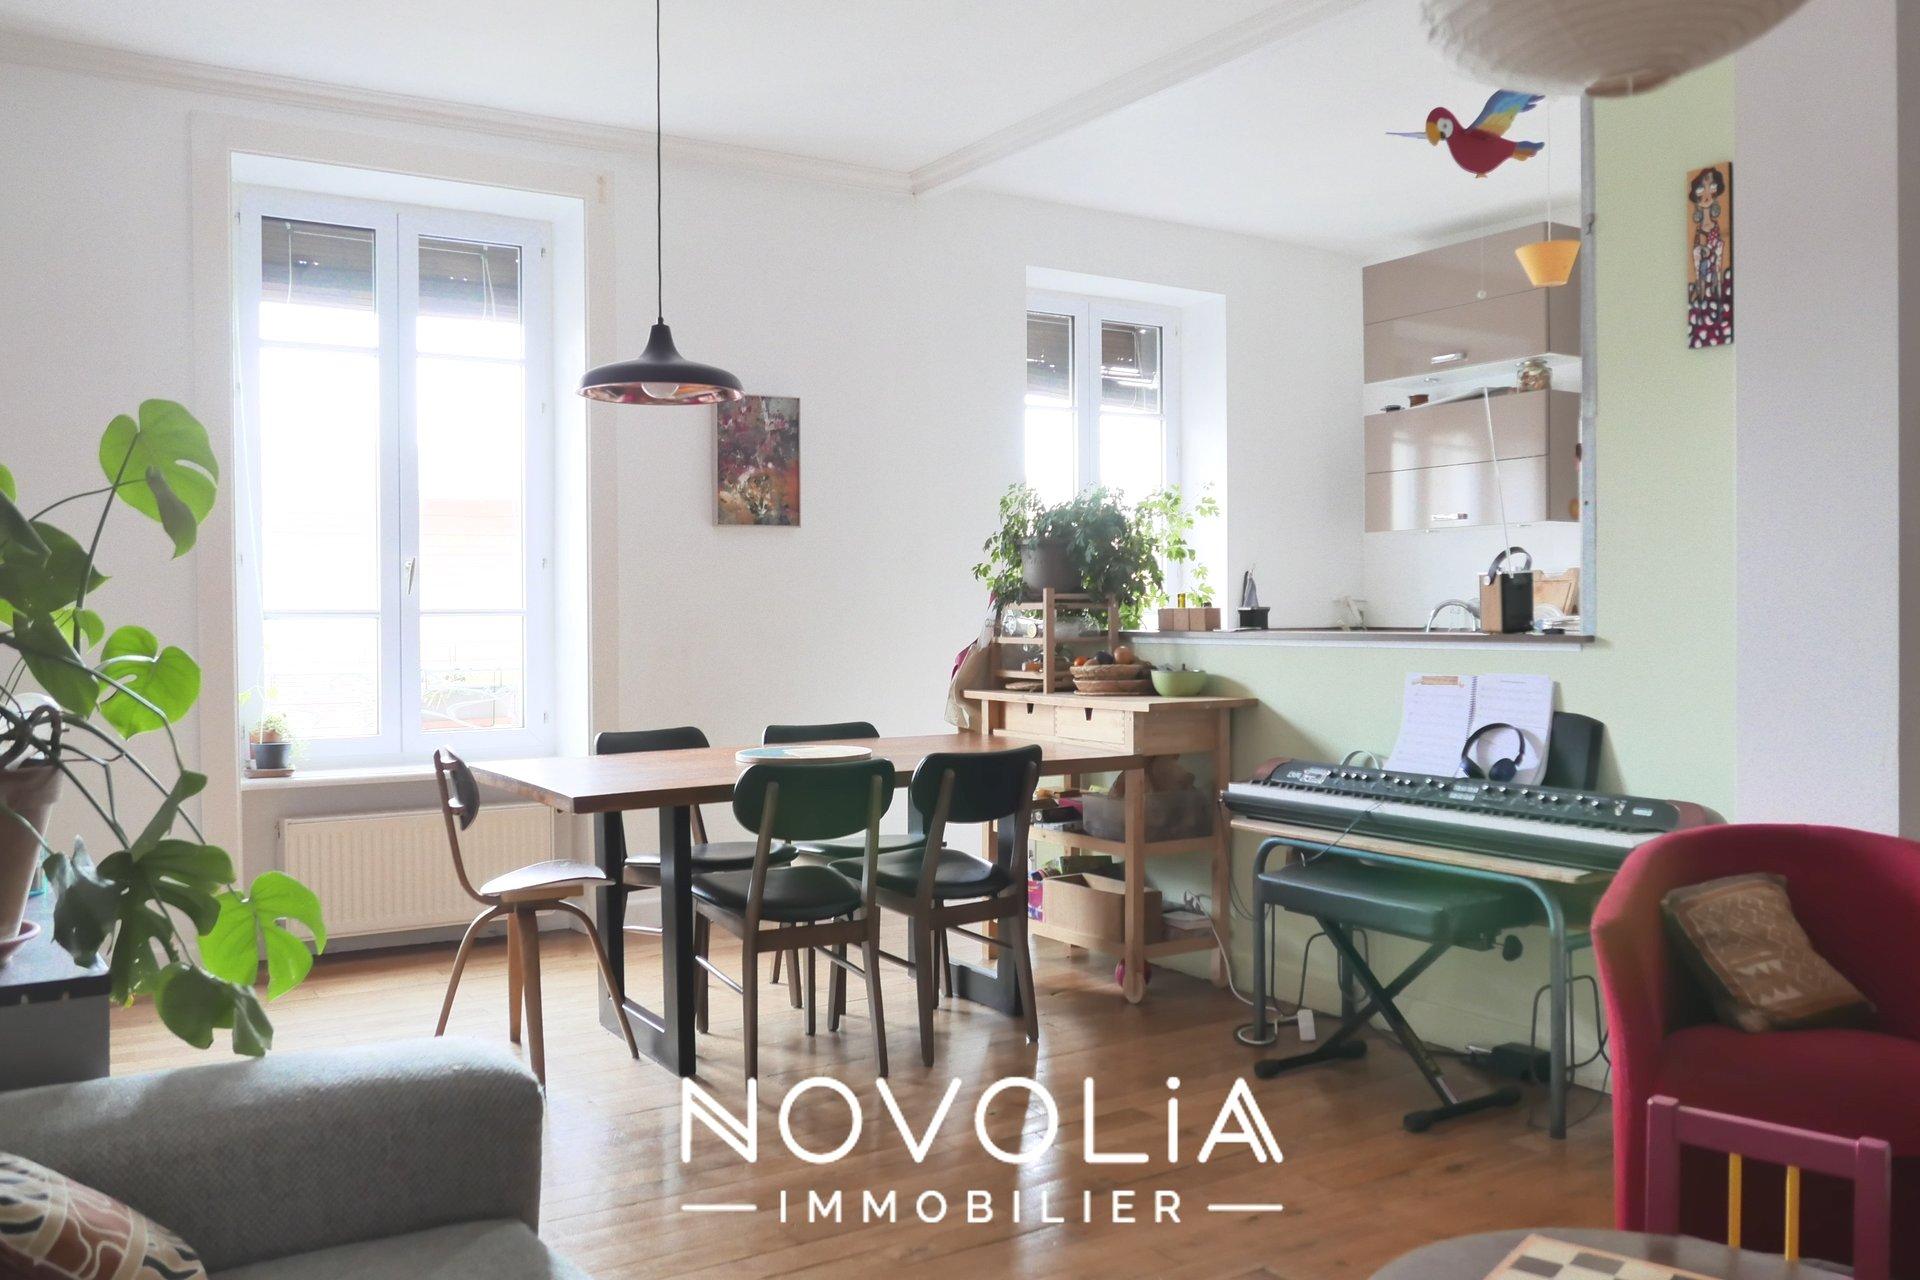 Achat Appartement Surface de 94 m²/ Total carrez : 94 m², 4 pièces, Lyon 3ème (69003)